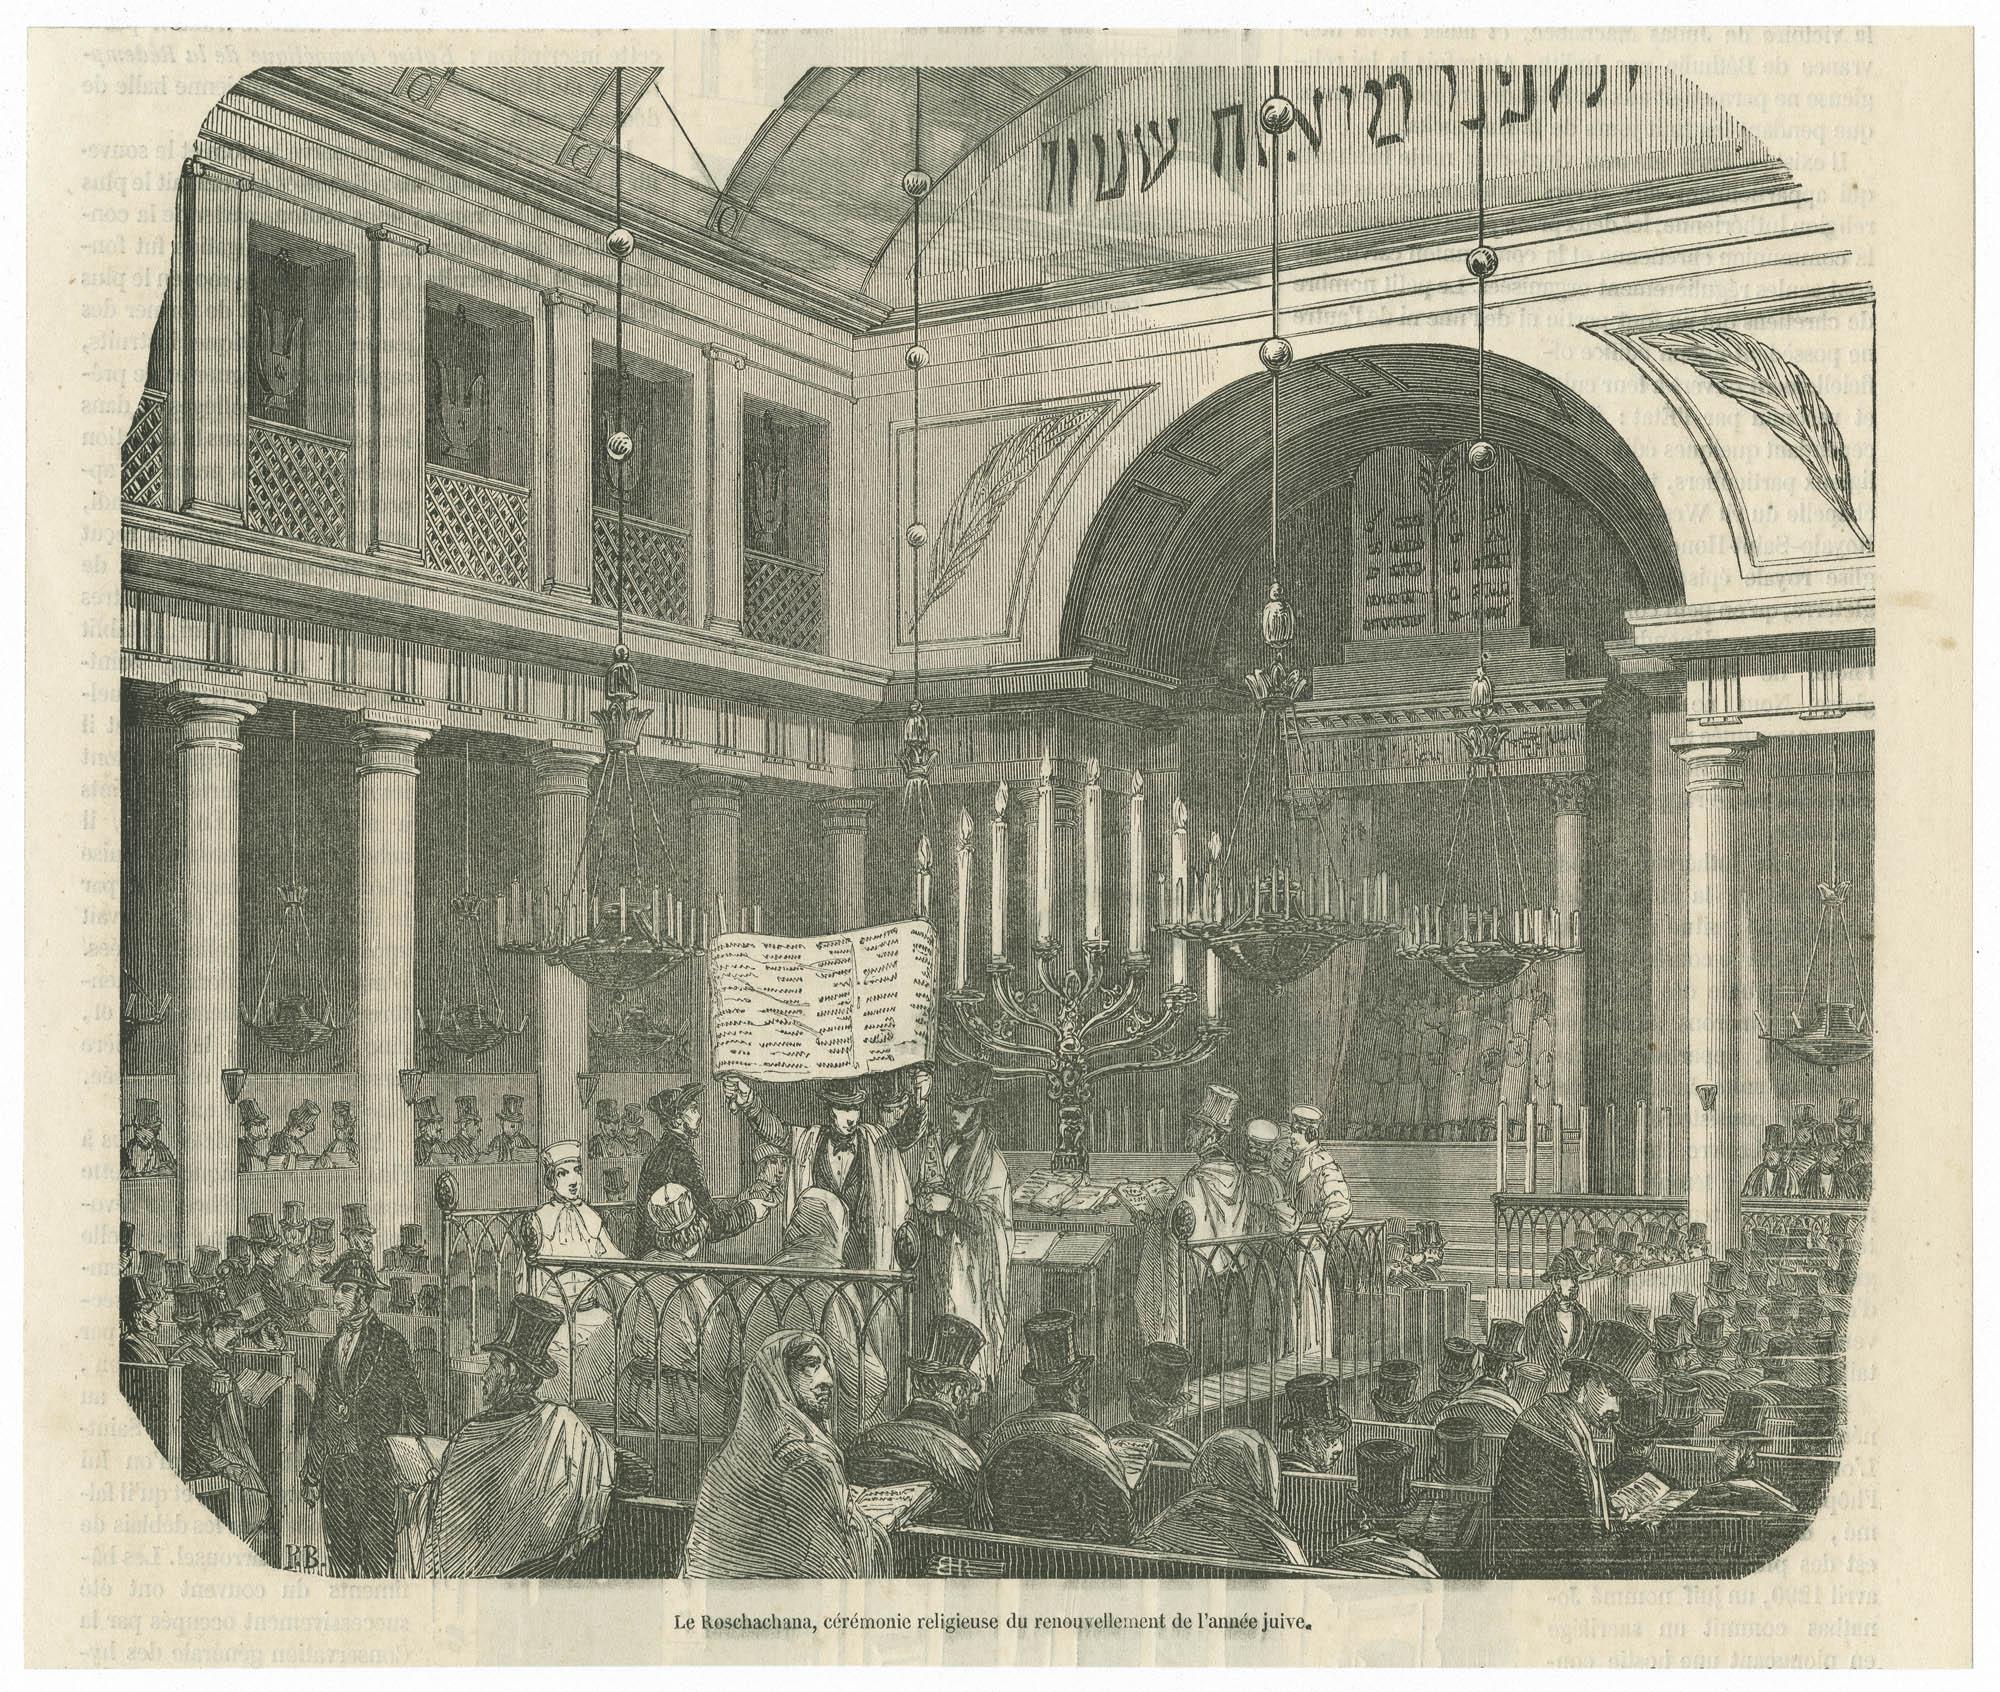 Le Roschachana, cérémonie religieuse du renouvellement de l'année juive